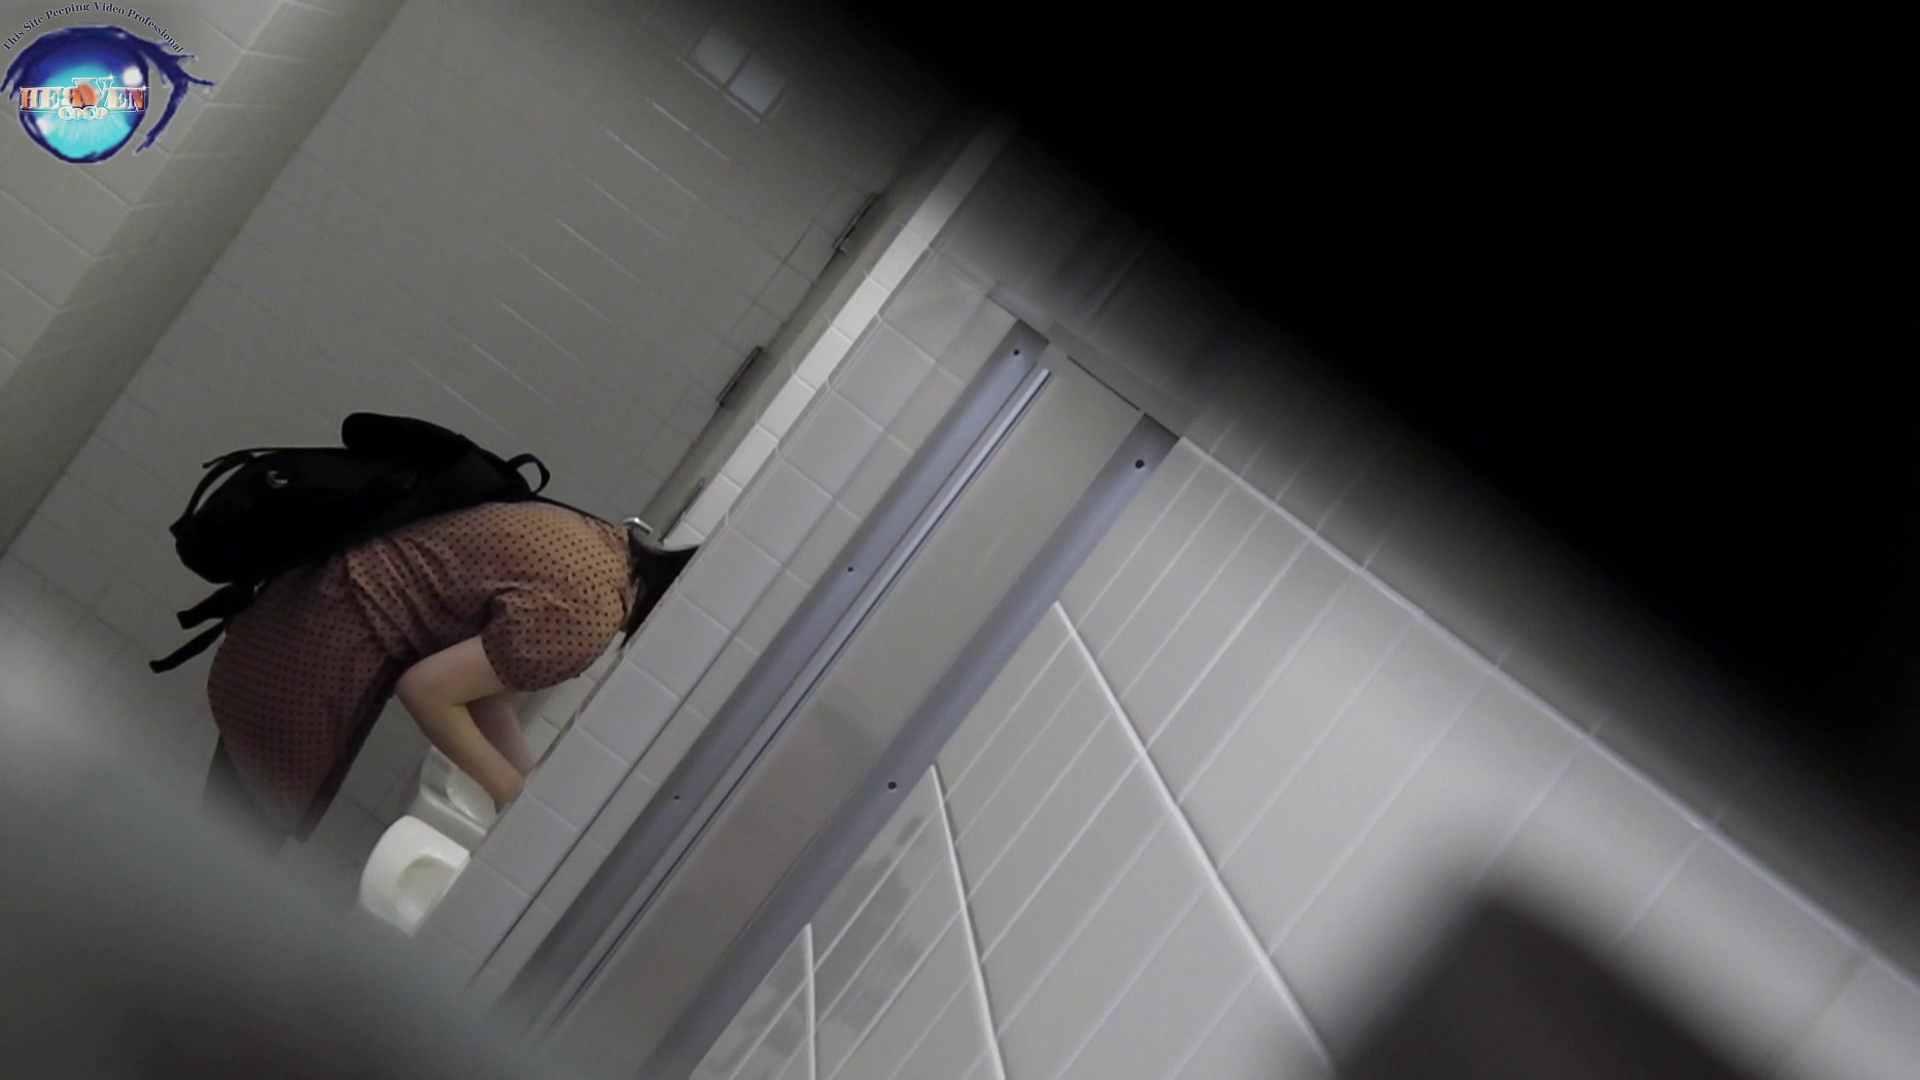 洗面所突入レポート!!お銀 vol.68 無謀に通路に飛び出て一番明るいフロント撮り実現 前編 洗面所編  86PIX 62